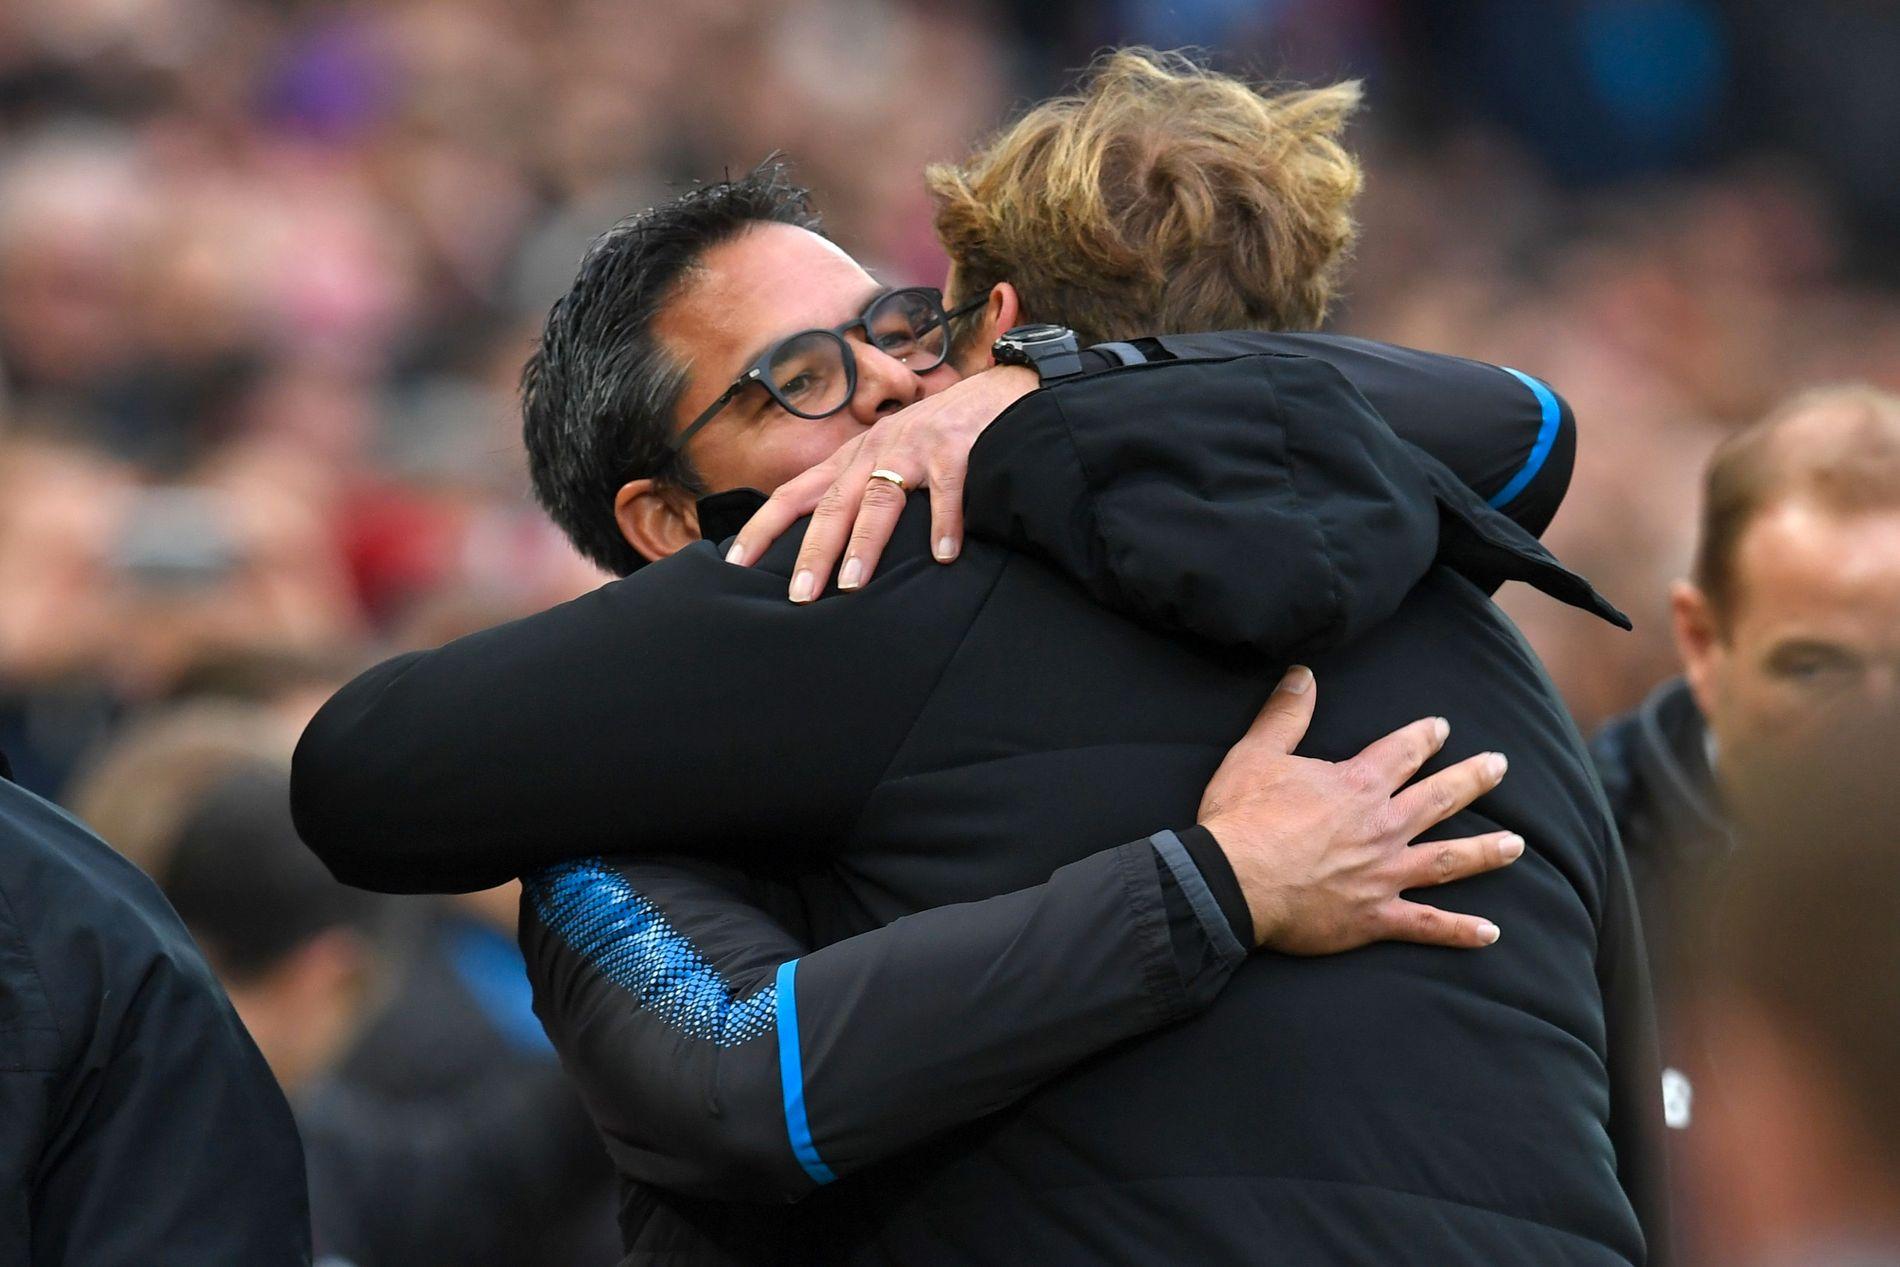 GODE BUSSER: Huddersfield-manager David Wagner omfavnet sin gode venn Jürgen Klopp før møtet på Anfield.